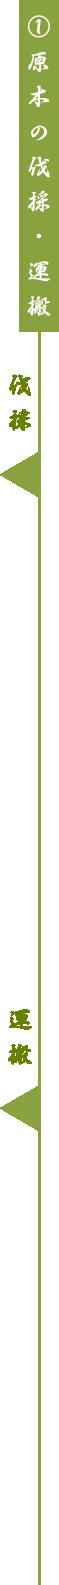 ①原木の伐採・運搬